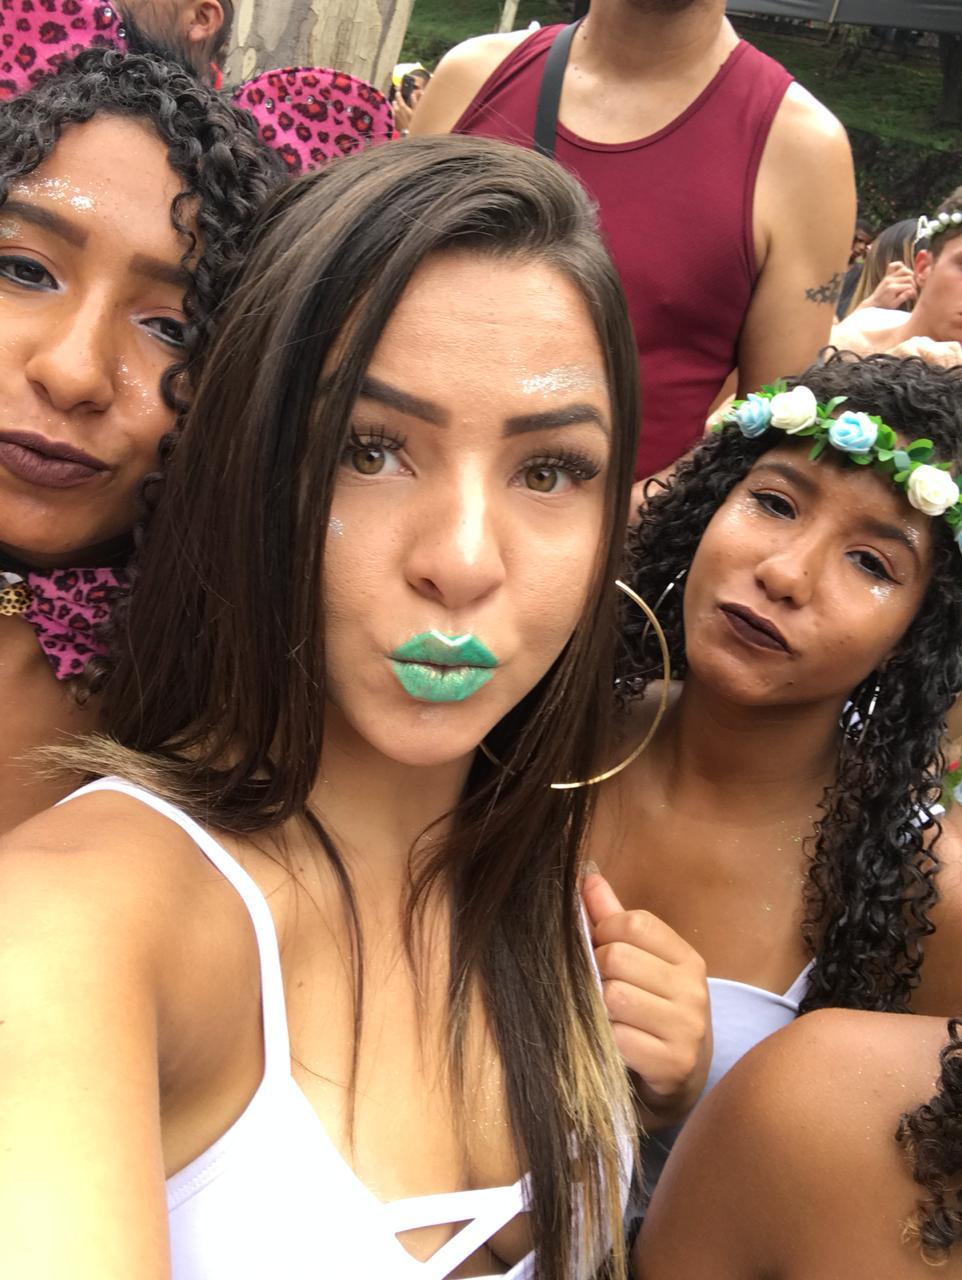 Fotos De Novinha Nua Caiu Na Net Mostrando O Rabão Guloso